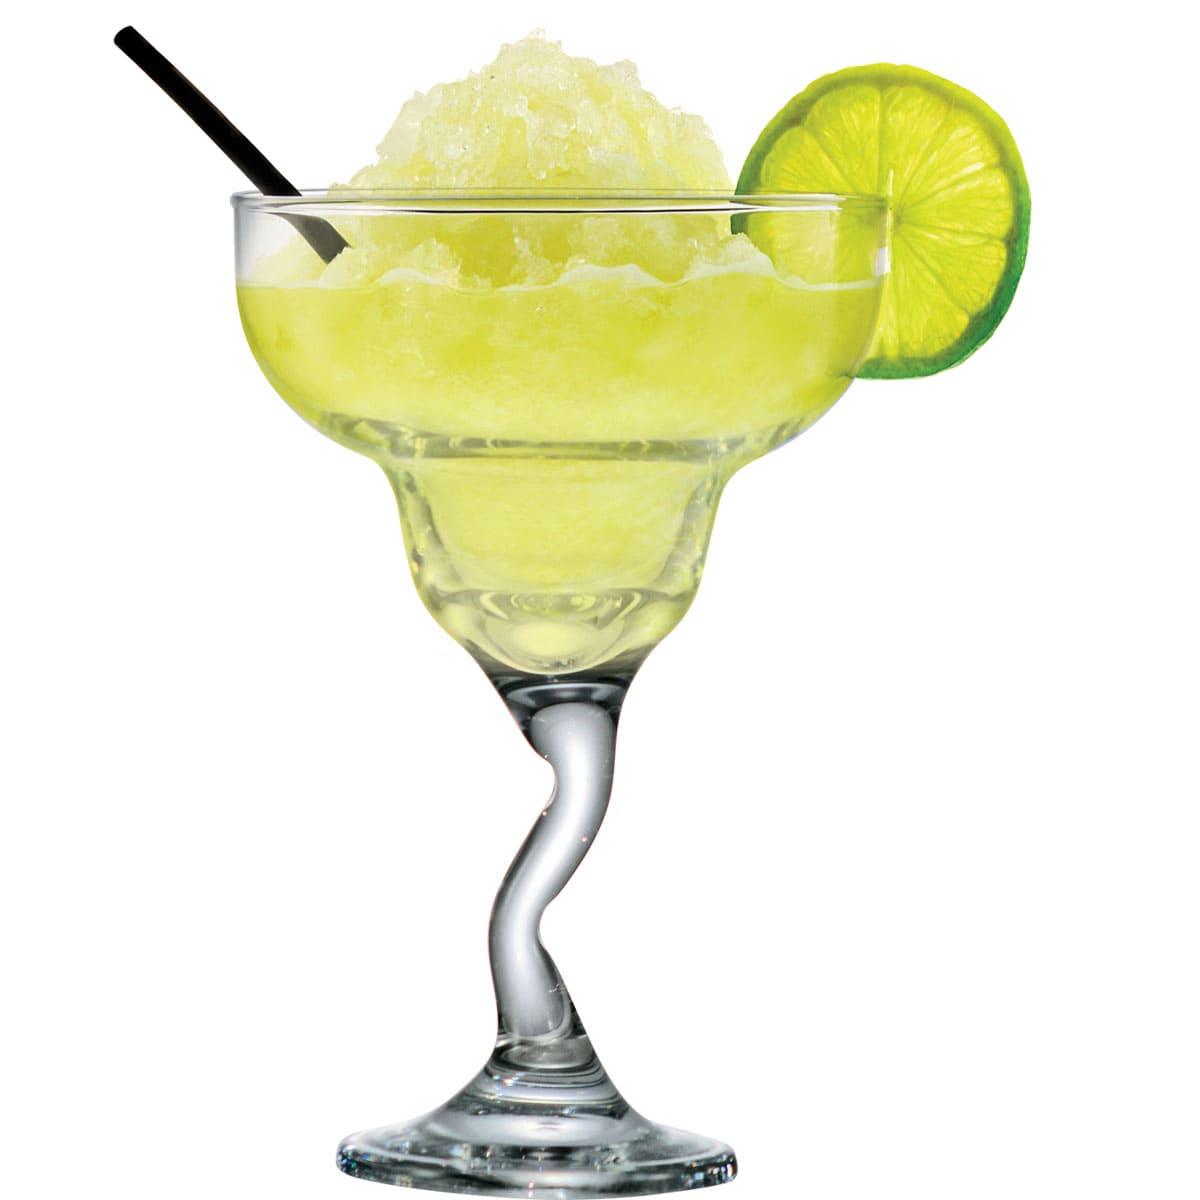 Taça de Vidro Margarita Twister 225ml (Caixa com 24 unidades)